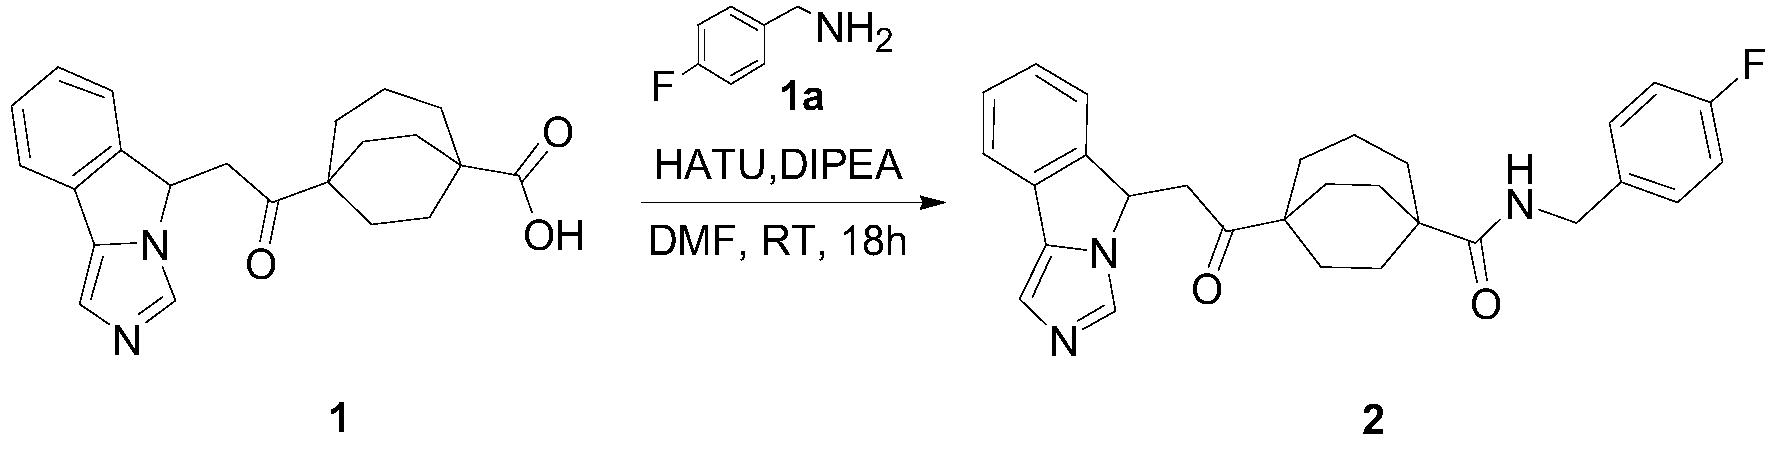 Figure PCTCN2017084604-appb-000081